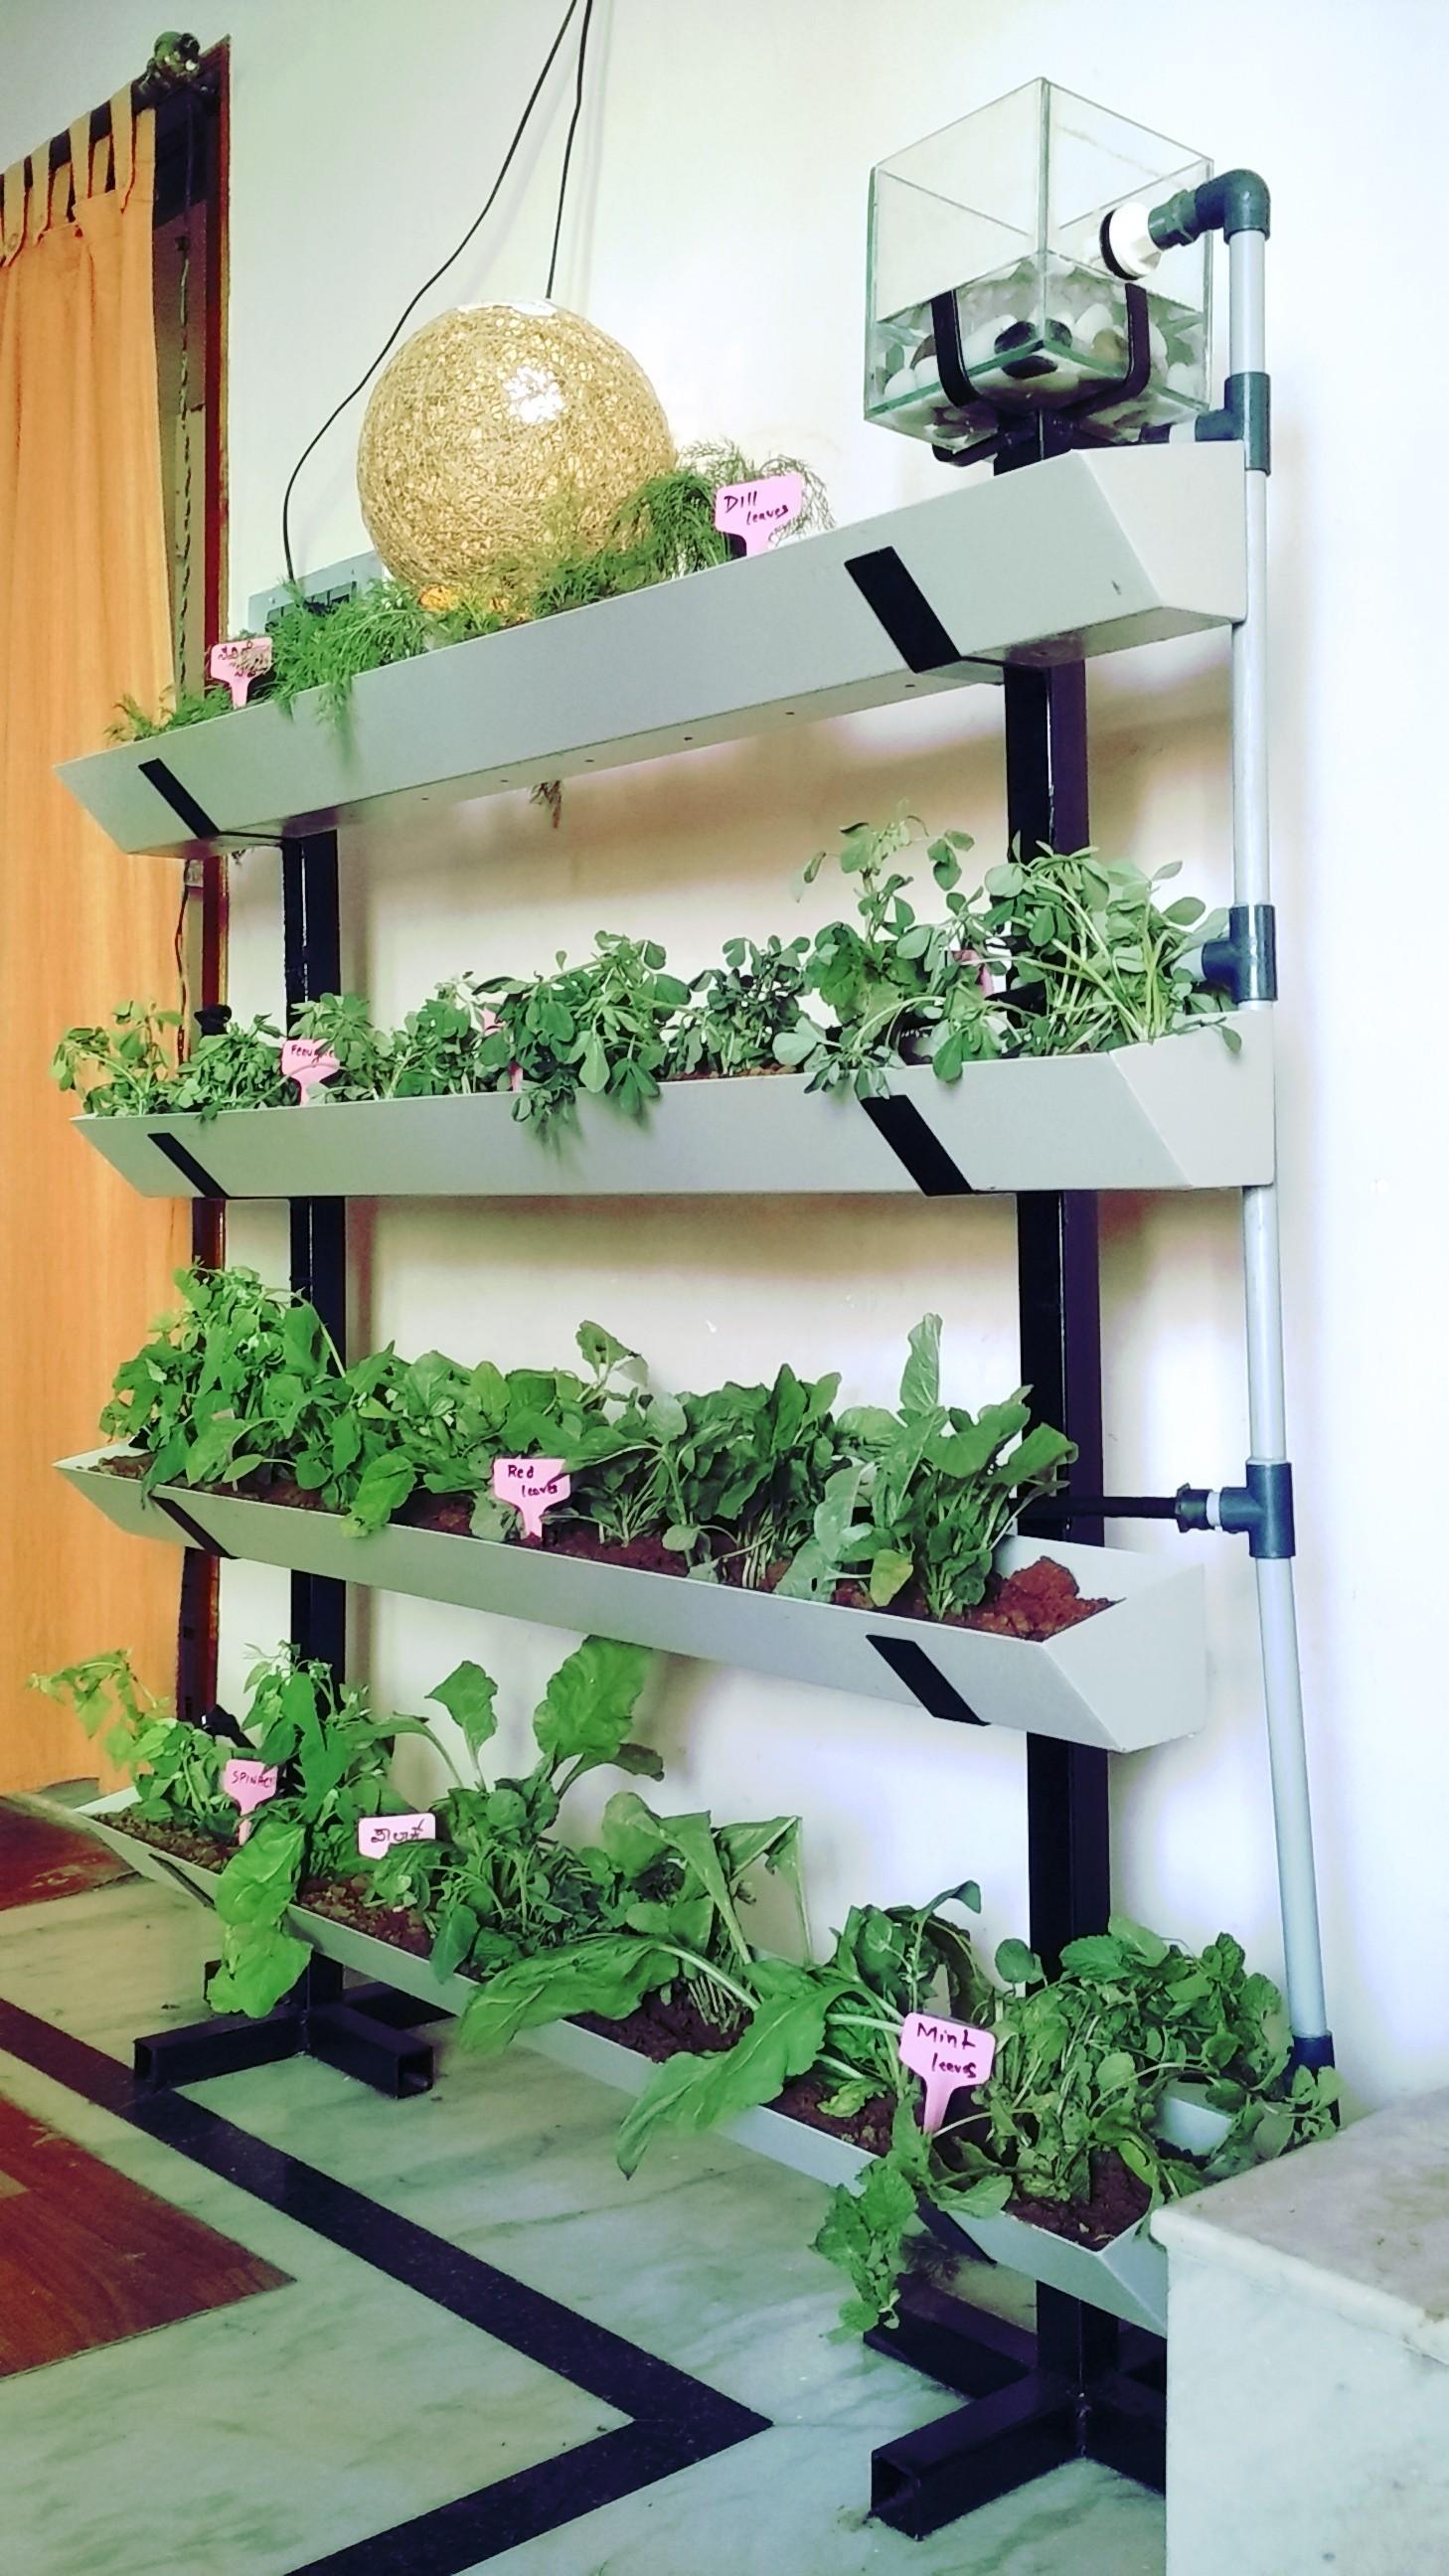 Vertical Garden 4 Row Setup   Eco Bin